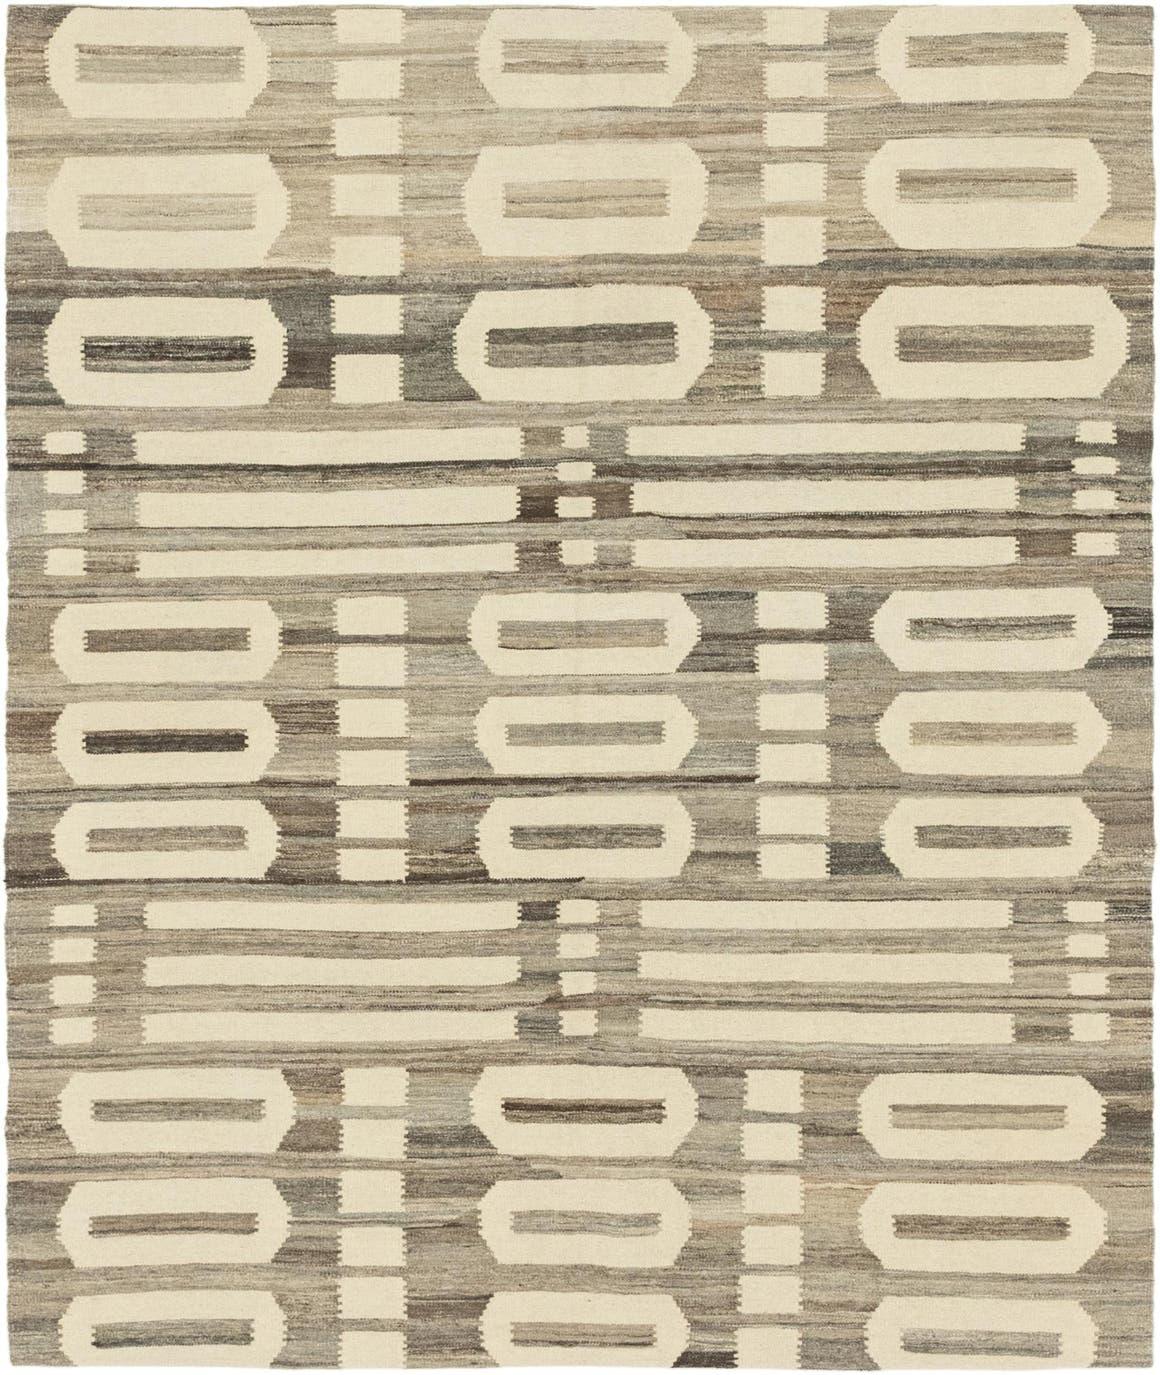 5' 4 x 6' 2 Kilim Modern Square Rug main image